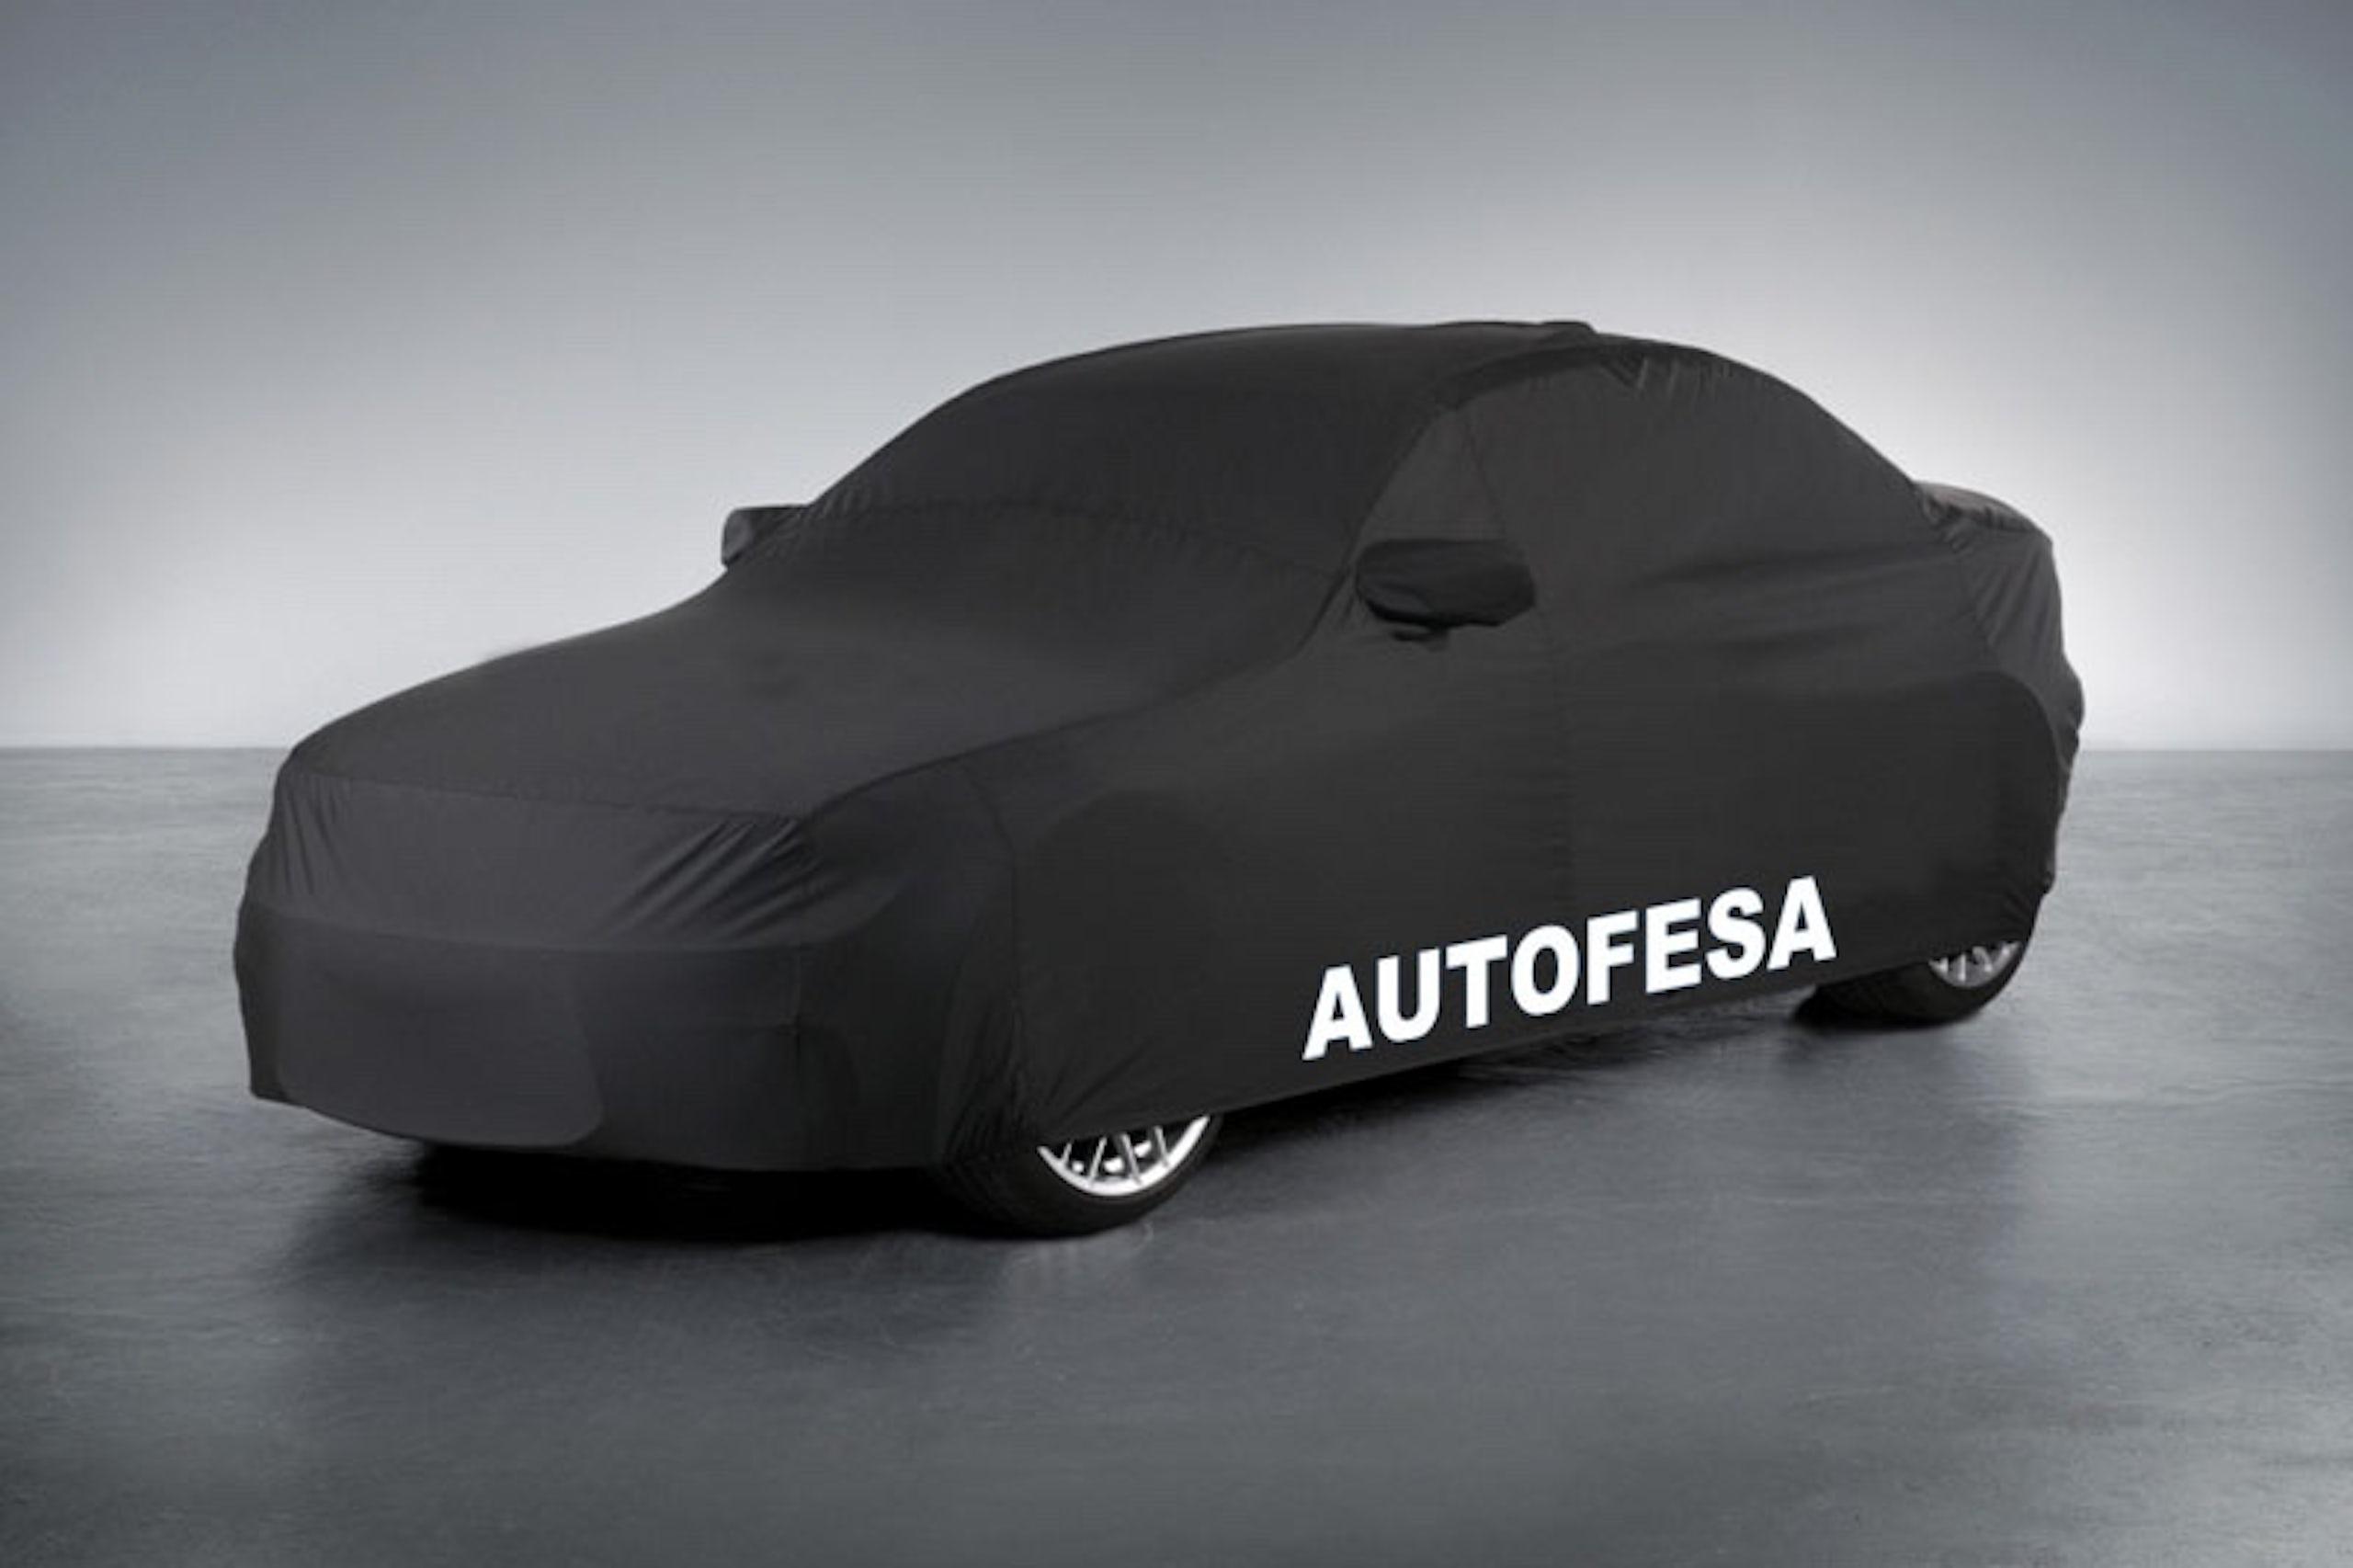 Audi A6 3.0 TDI AVANT 272cv quattro 4p S tronic Auto S/S - Foto 32